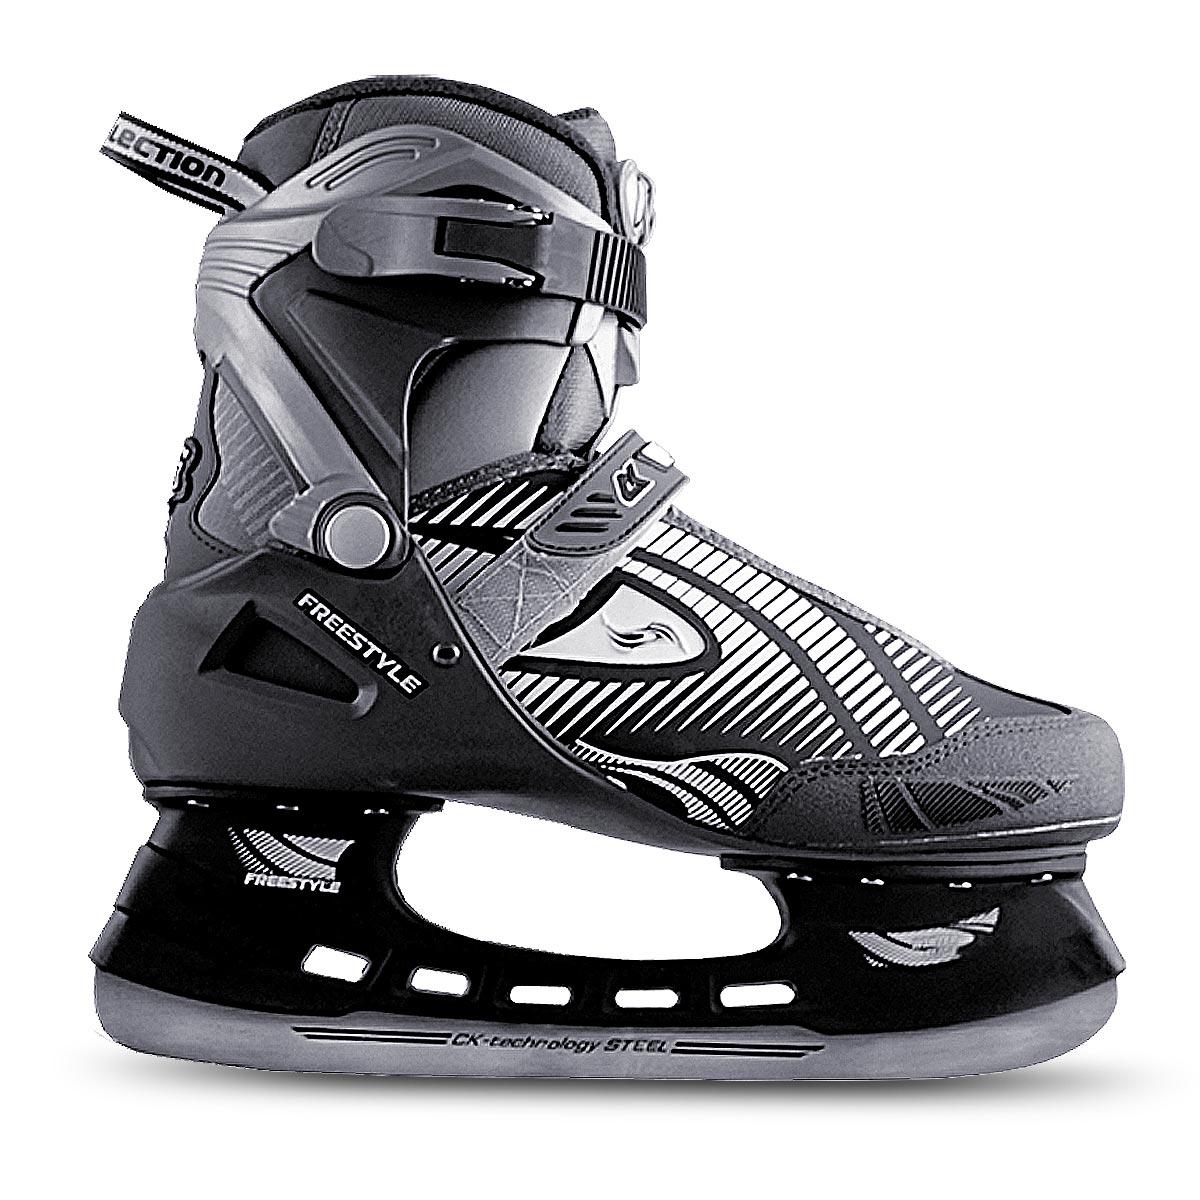 Коньки хоккейные мужские СК Freestyle, цвет: серый, черный. Размер 39Atemi Force 3.0 2012 Black-GrayОригинальные мужские коньки от CK Freestyle с ударопрочной защитной конструкцией прекрасно подойдут для начинающих игроков в хоккей. Сапожок, выполненный из комбинации ПВХ, морозостойкой искусственной кожи, нейлона и капровелюра, обеспечит тепло и комфорт во время катания. Внутренний слой изготовлен из фланелета, а стелька - из текстиля. Пластиковая бакля и шнуровка с фиксатором, а также хлястик на липучке надежно фиксируют голеностоп. Плотный мысок и усиленный задник оберегают ногу от ушибов. Фигурное лезвие изготовлено из углеродистой нержавеющей стали со специальным покрытием, придающим дополнительную прочность.Изделие по верху декорировано оригинальным принтом и тиснением в виде логотипа бренда. Задняя часть коньков дополнена широким ярлычком для более удобного надевания обуви. Стильные коньки придутся вам по душе.